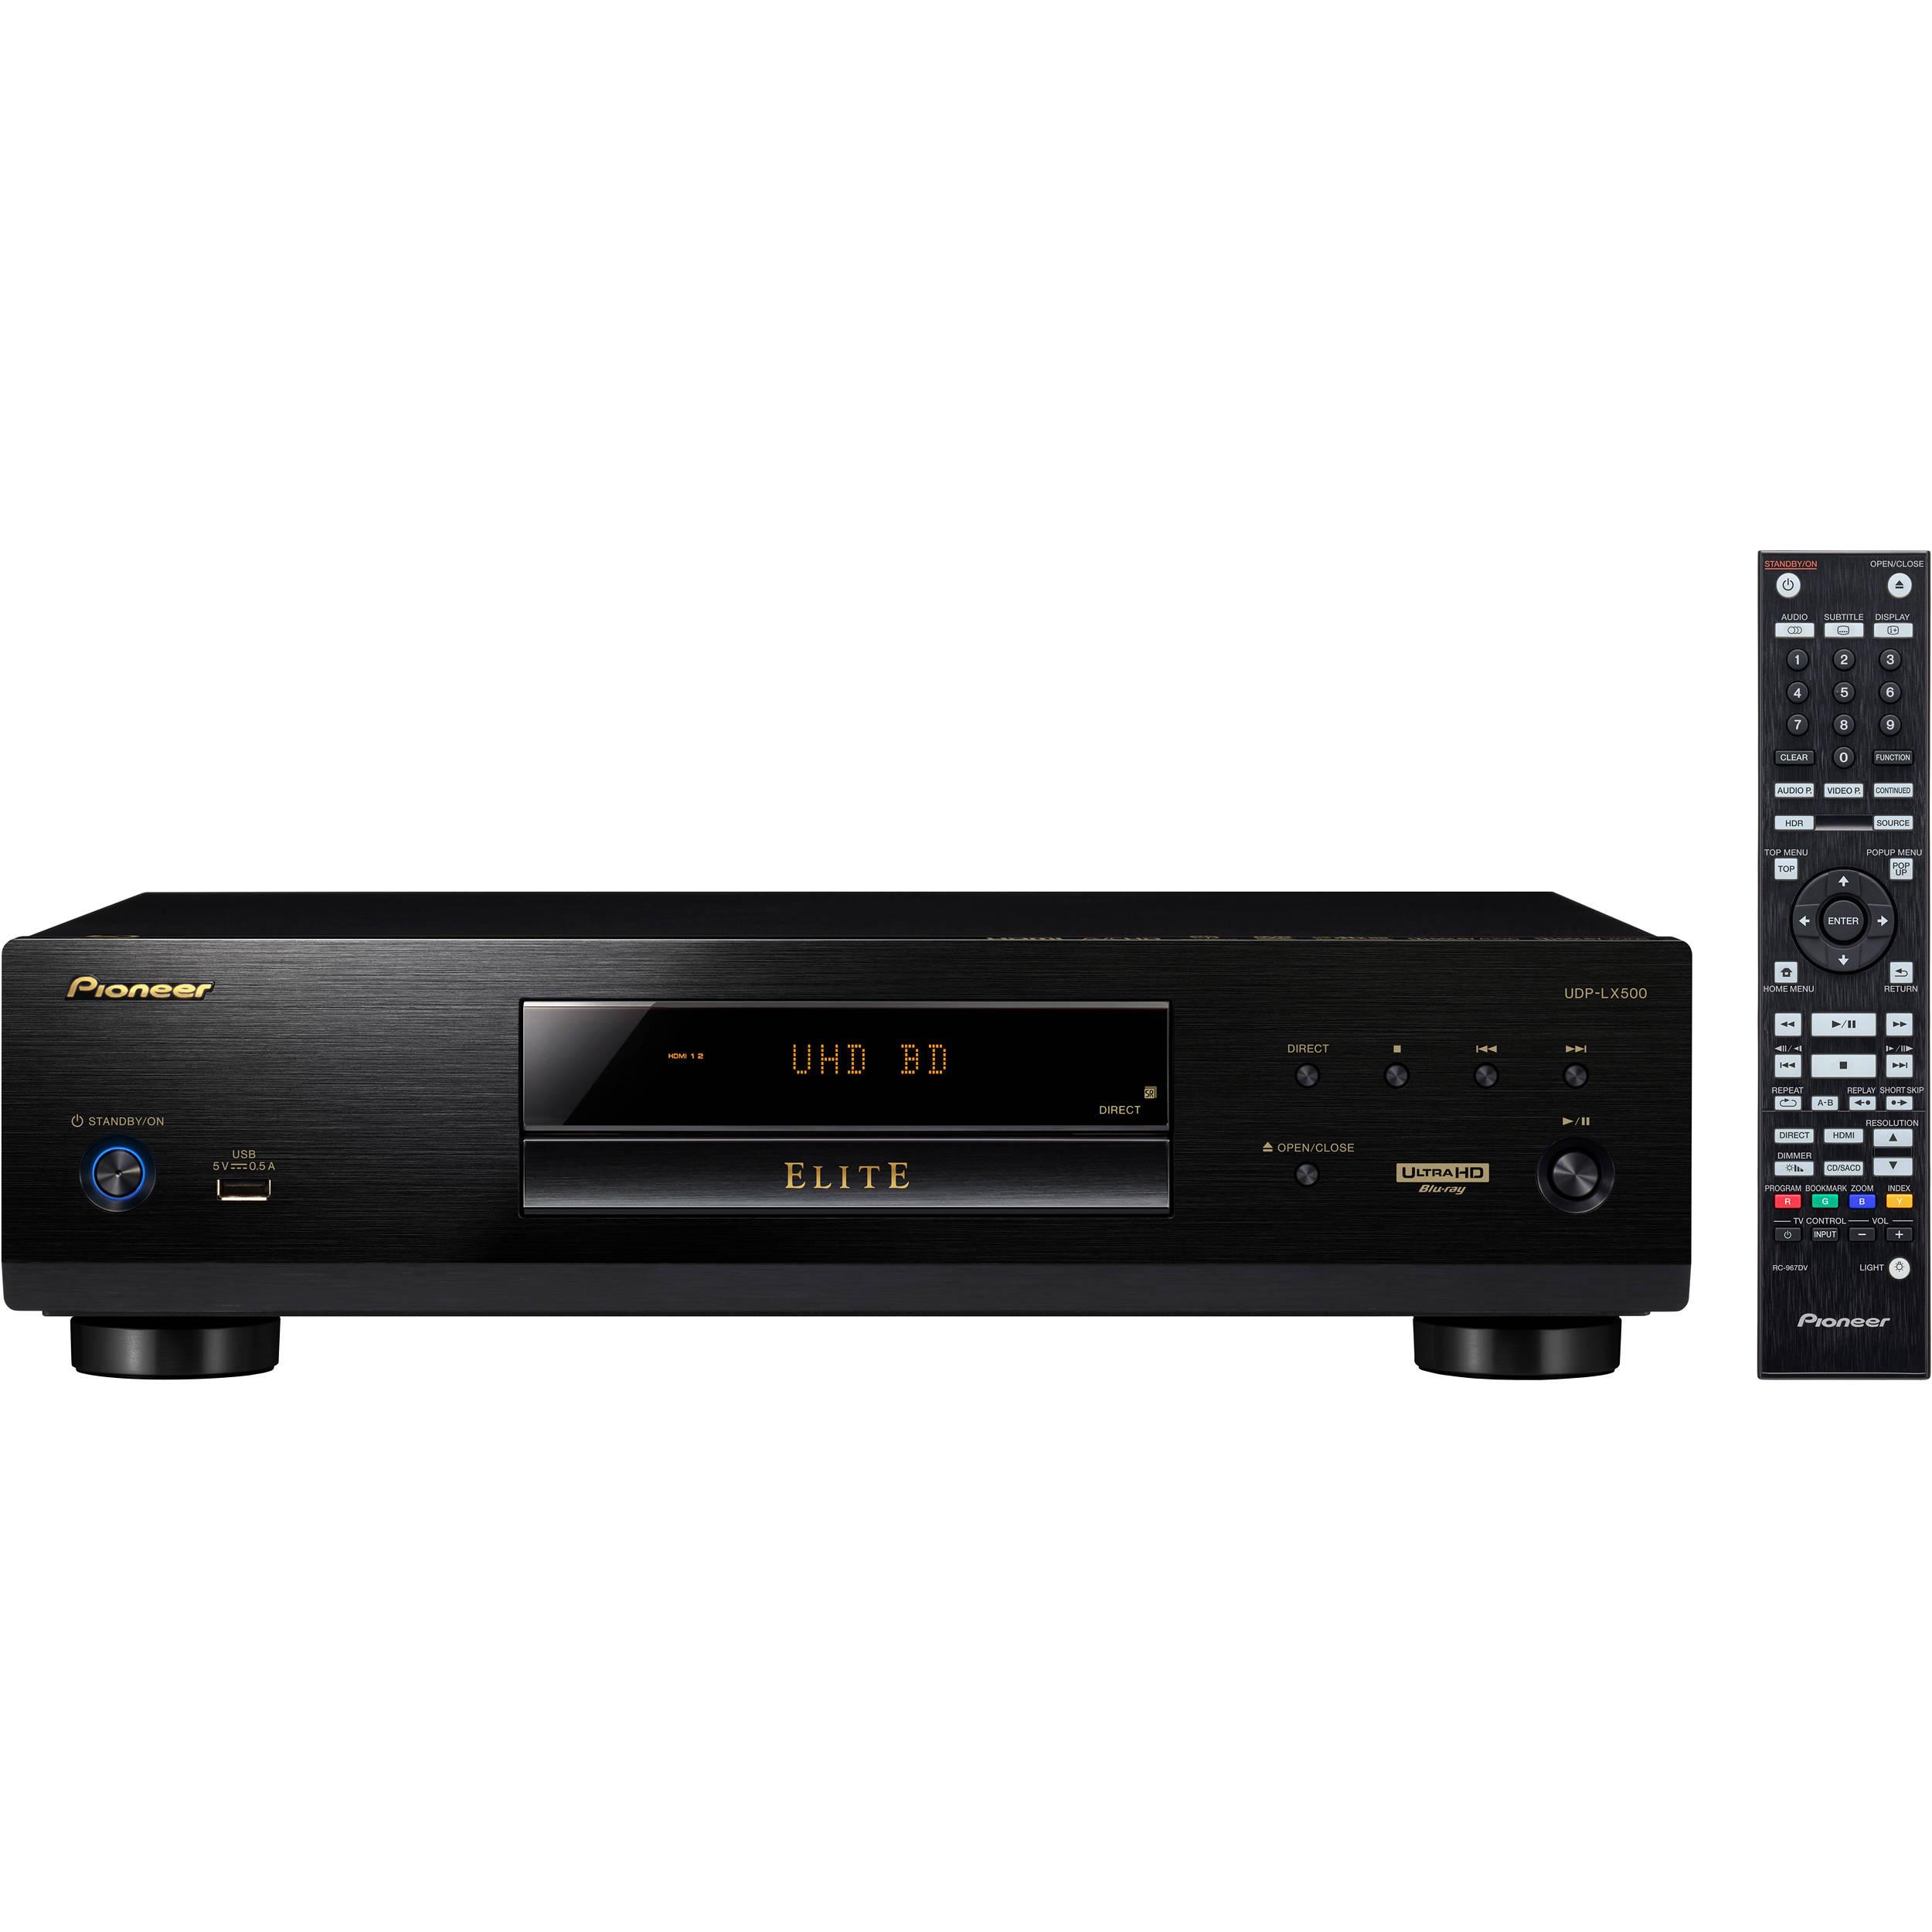 Pioneer Elite UDP-LX500 HDR UHD 4K Blu-ray Disc Player UDP